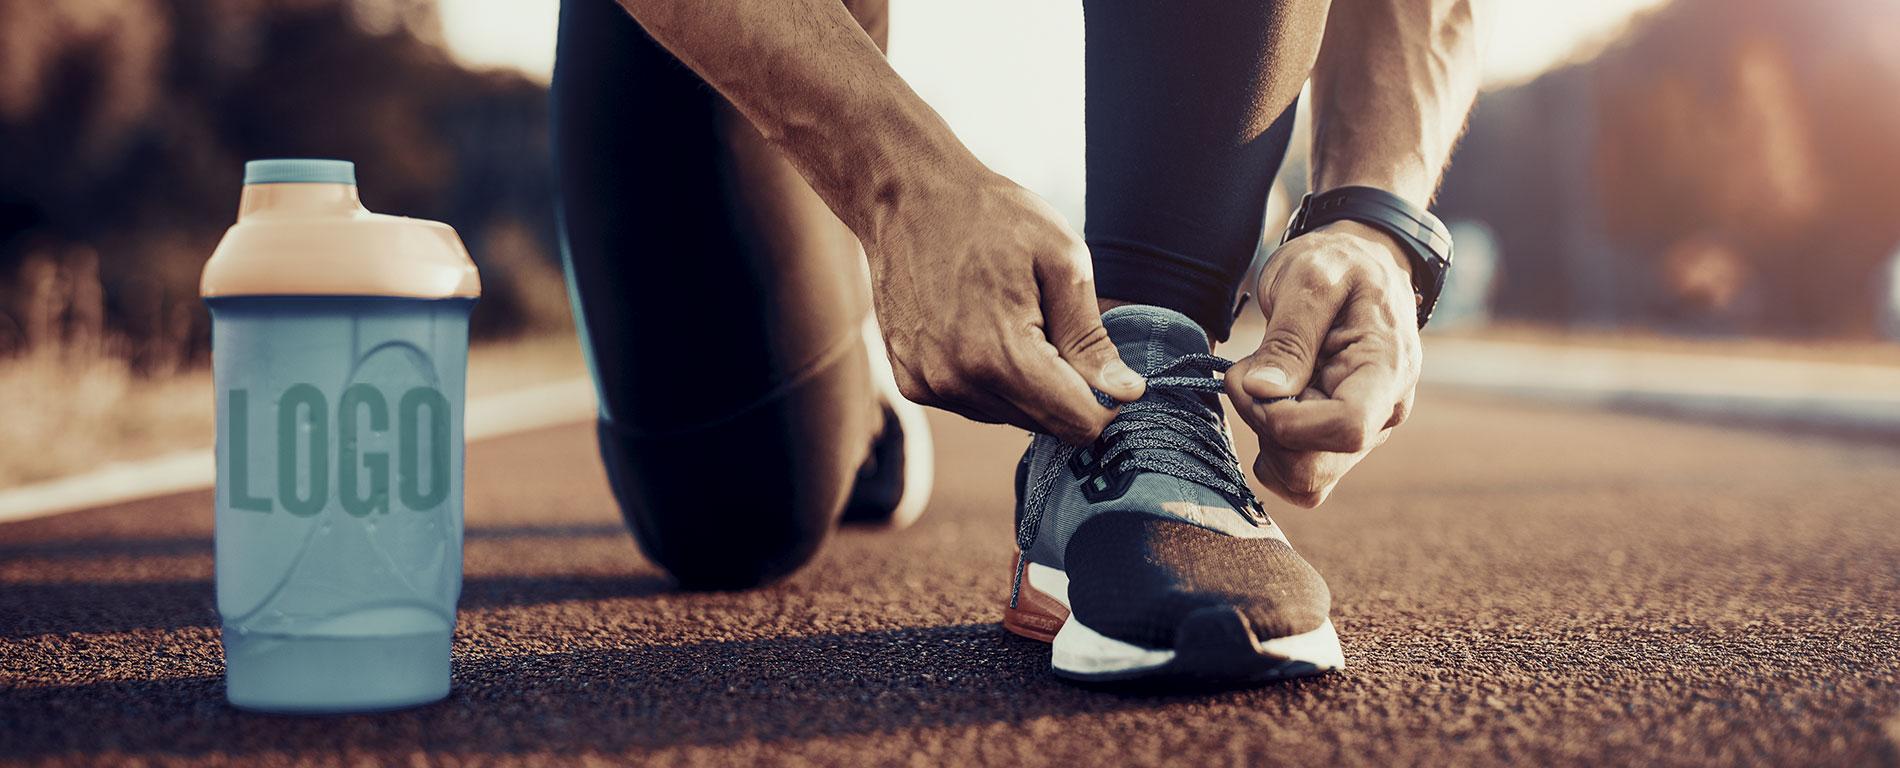 D-max Print – Produktplacering – Man knyter skorna bredvid en flaska med logotype